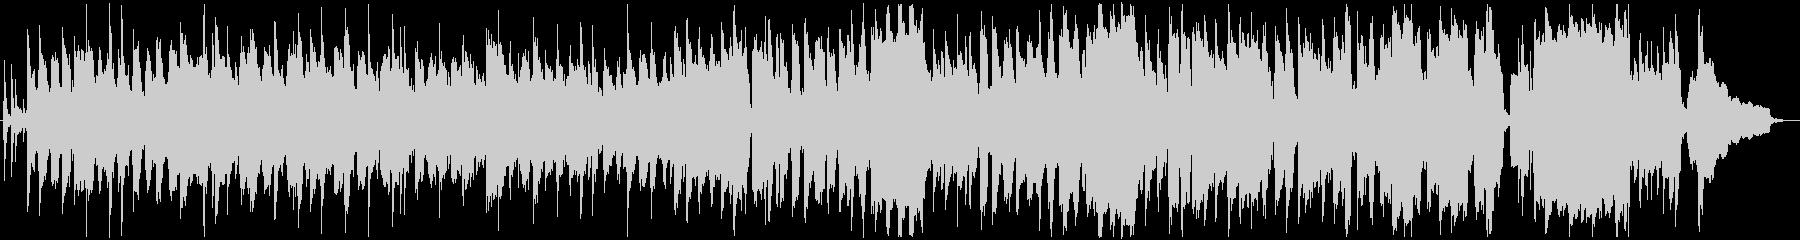 可愛らしいリコーダーの軽快な曲の未再生の波形